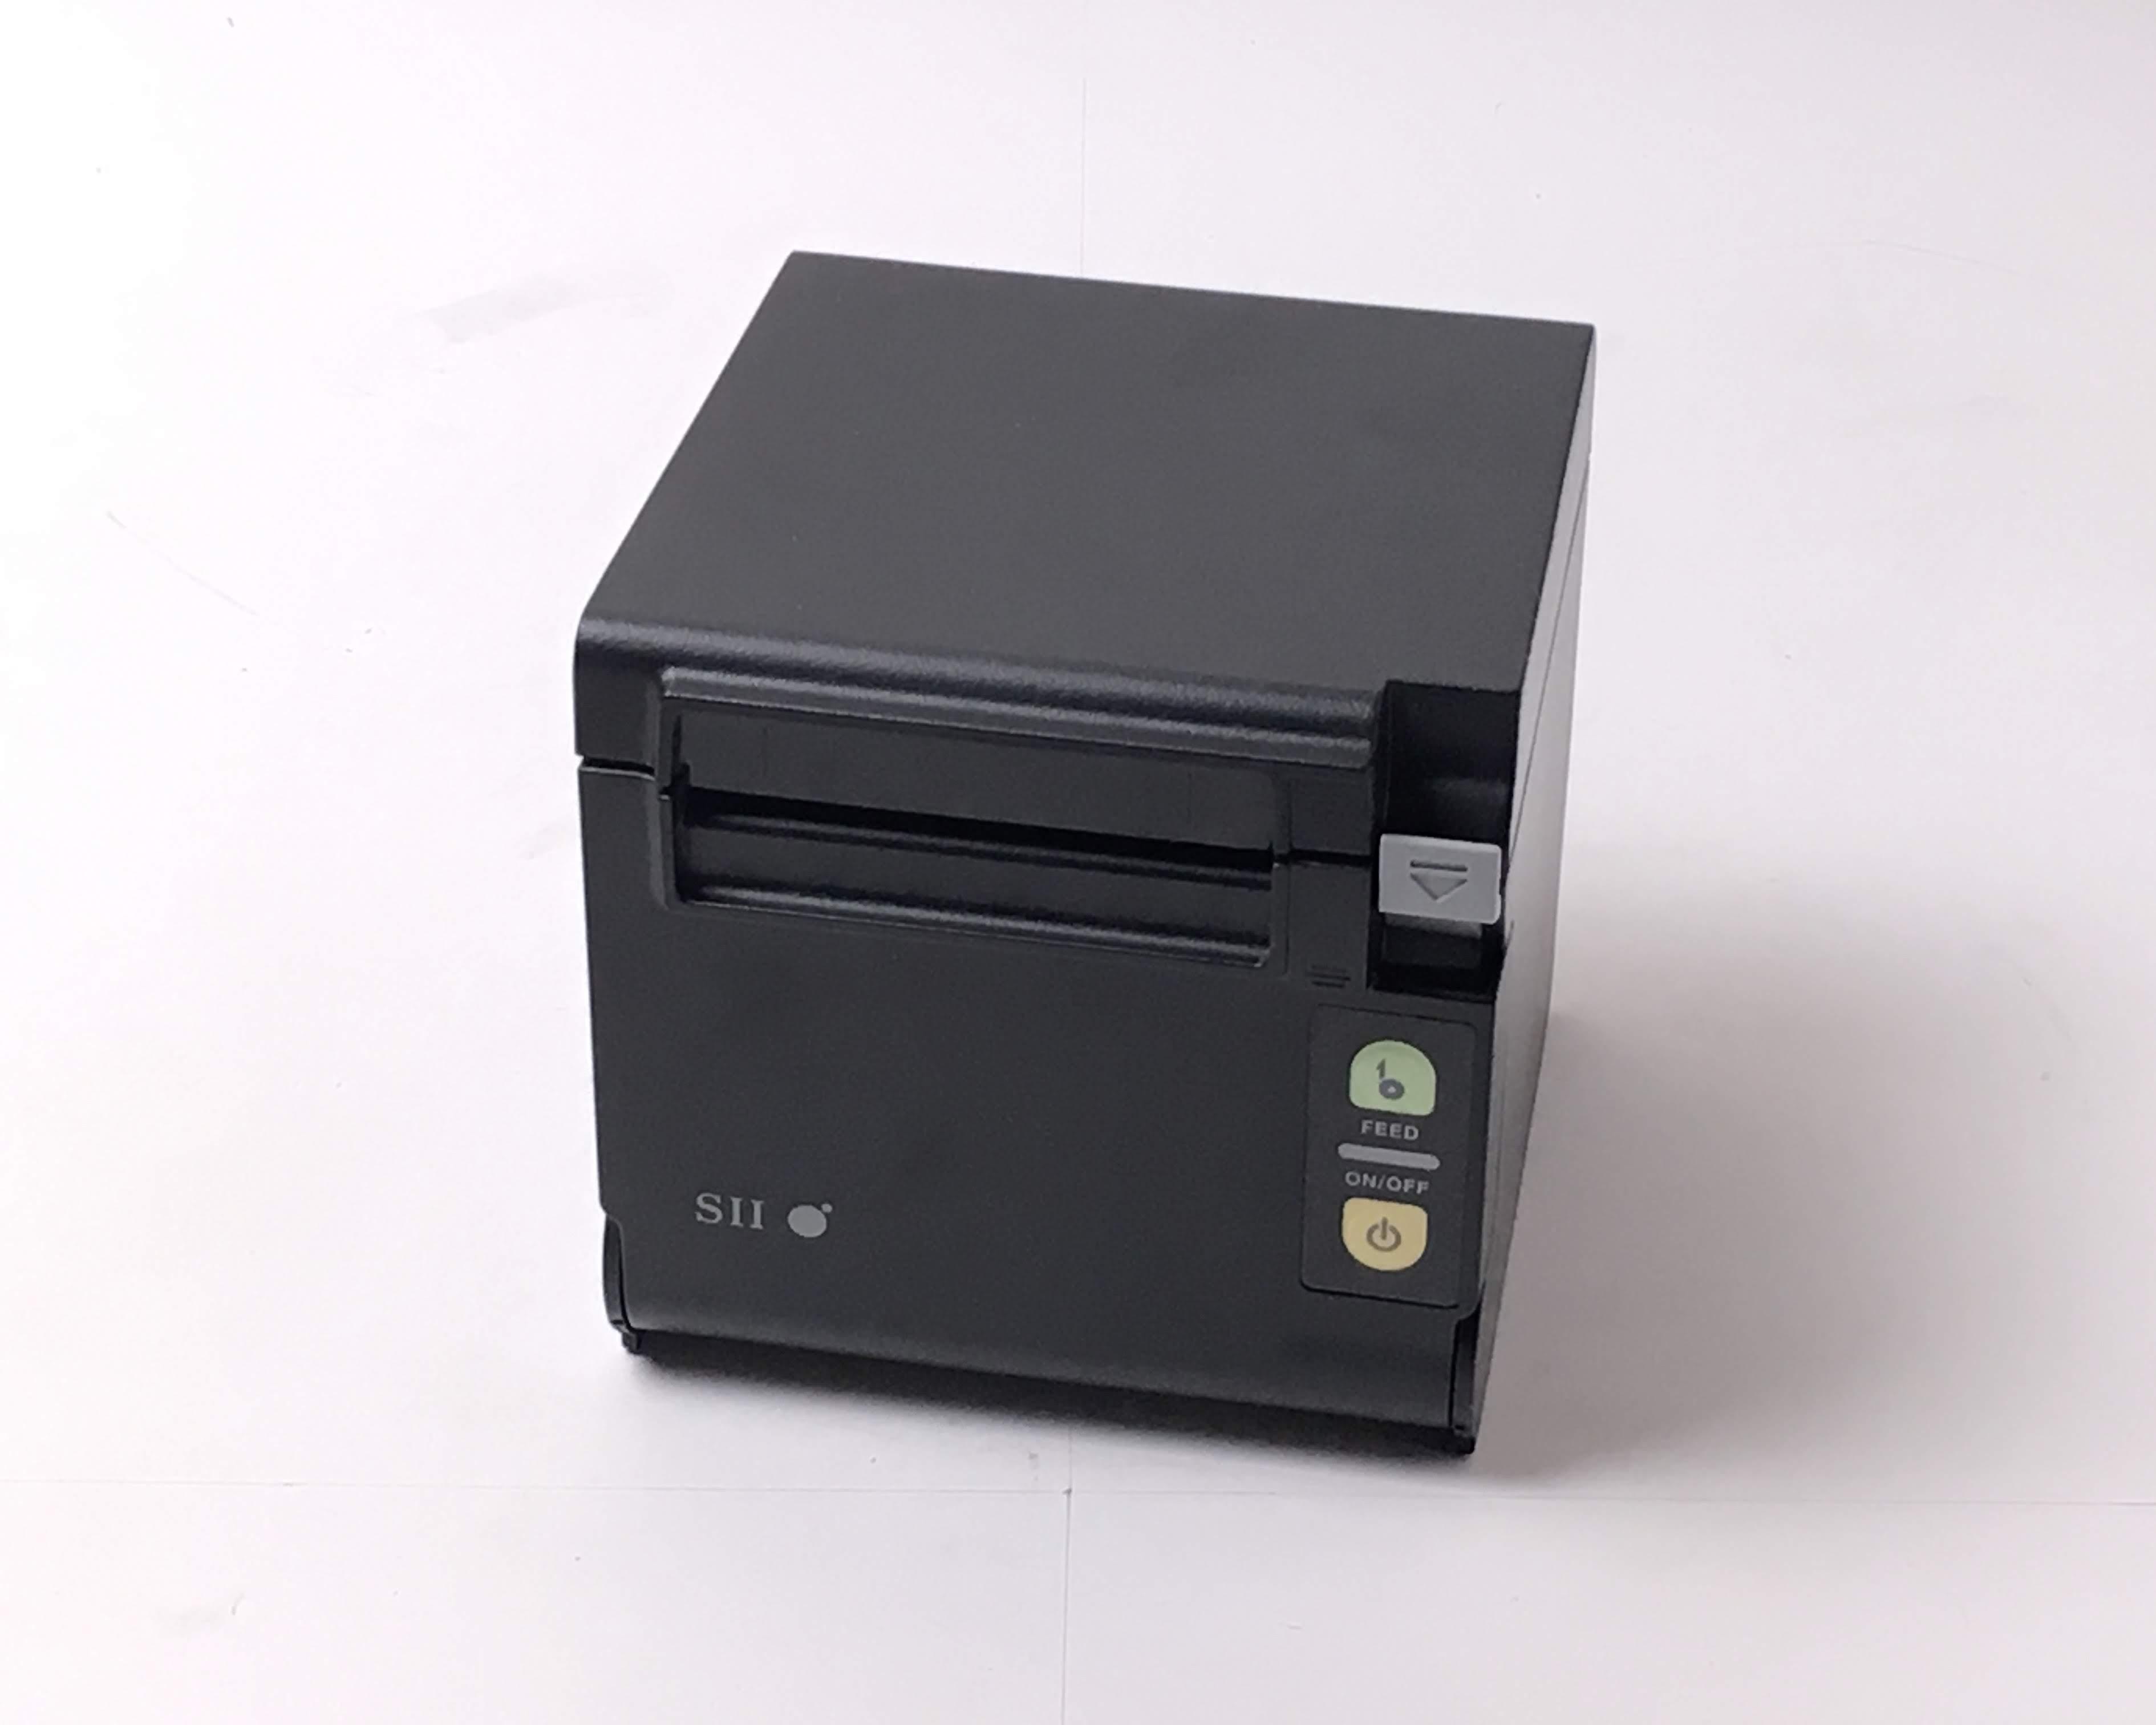 【優良中古】SII レシートプリンタ PR-D10(USB/80mm)ブラック メイン画像